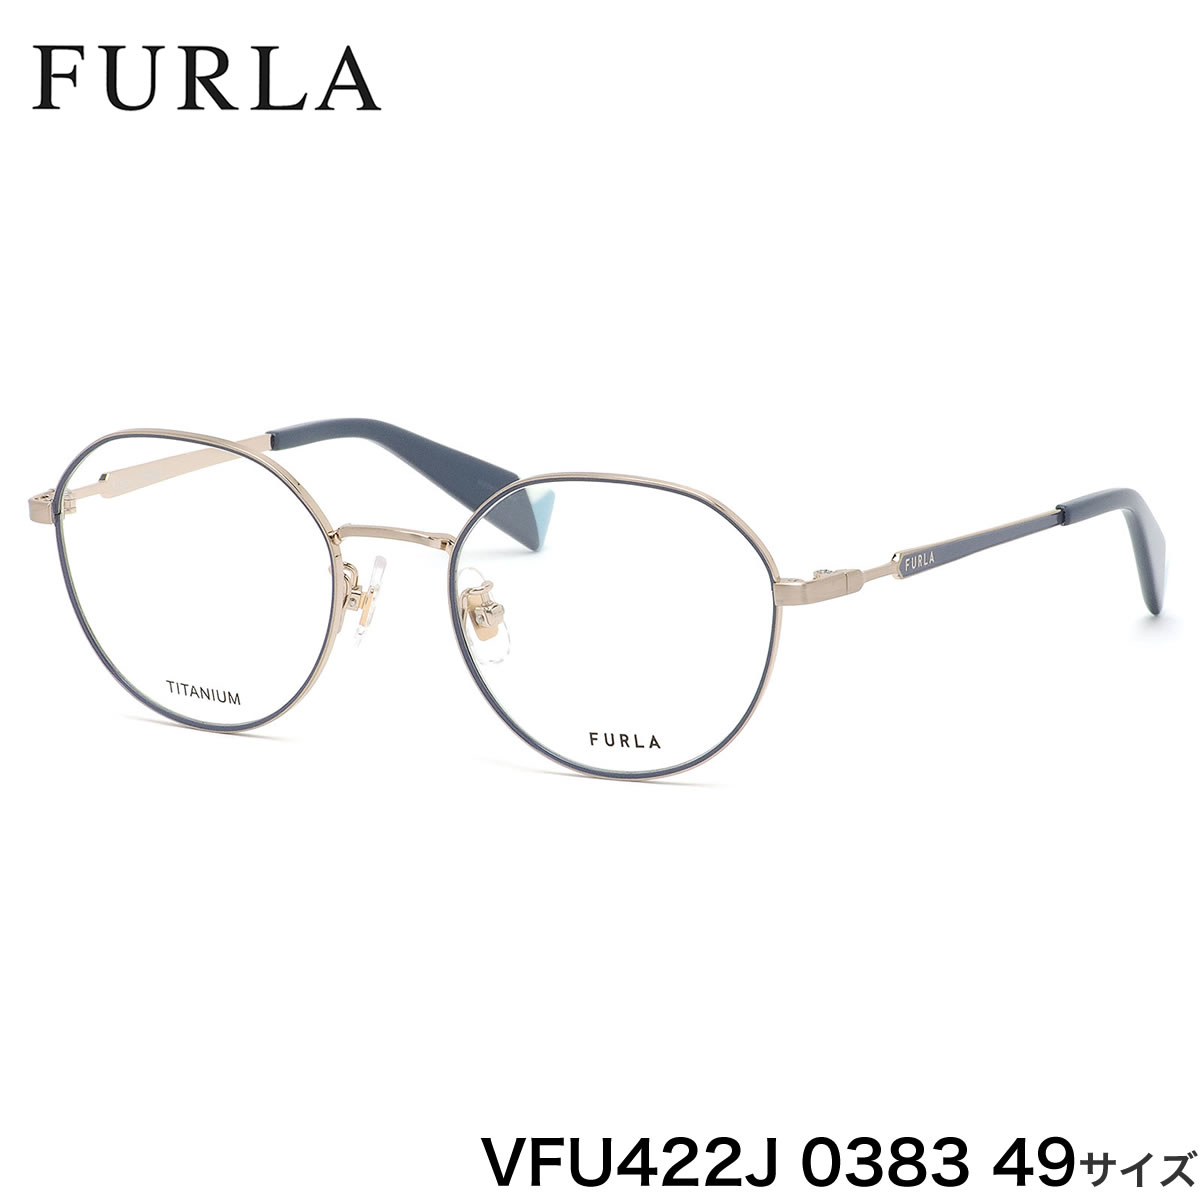 フルラ FURLA メガネ VFU422J 0383 49サイズ フェミニン おしゃれ 軽量 軽い 丸メガネ レディース